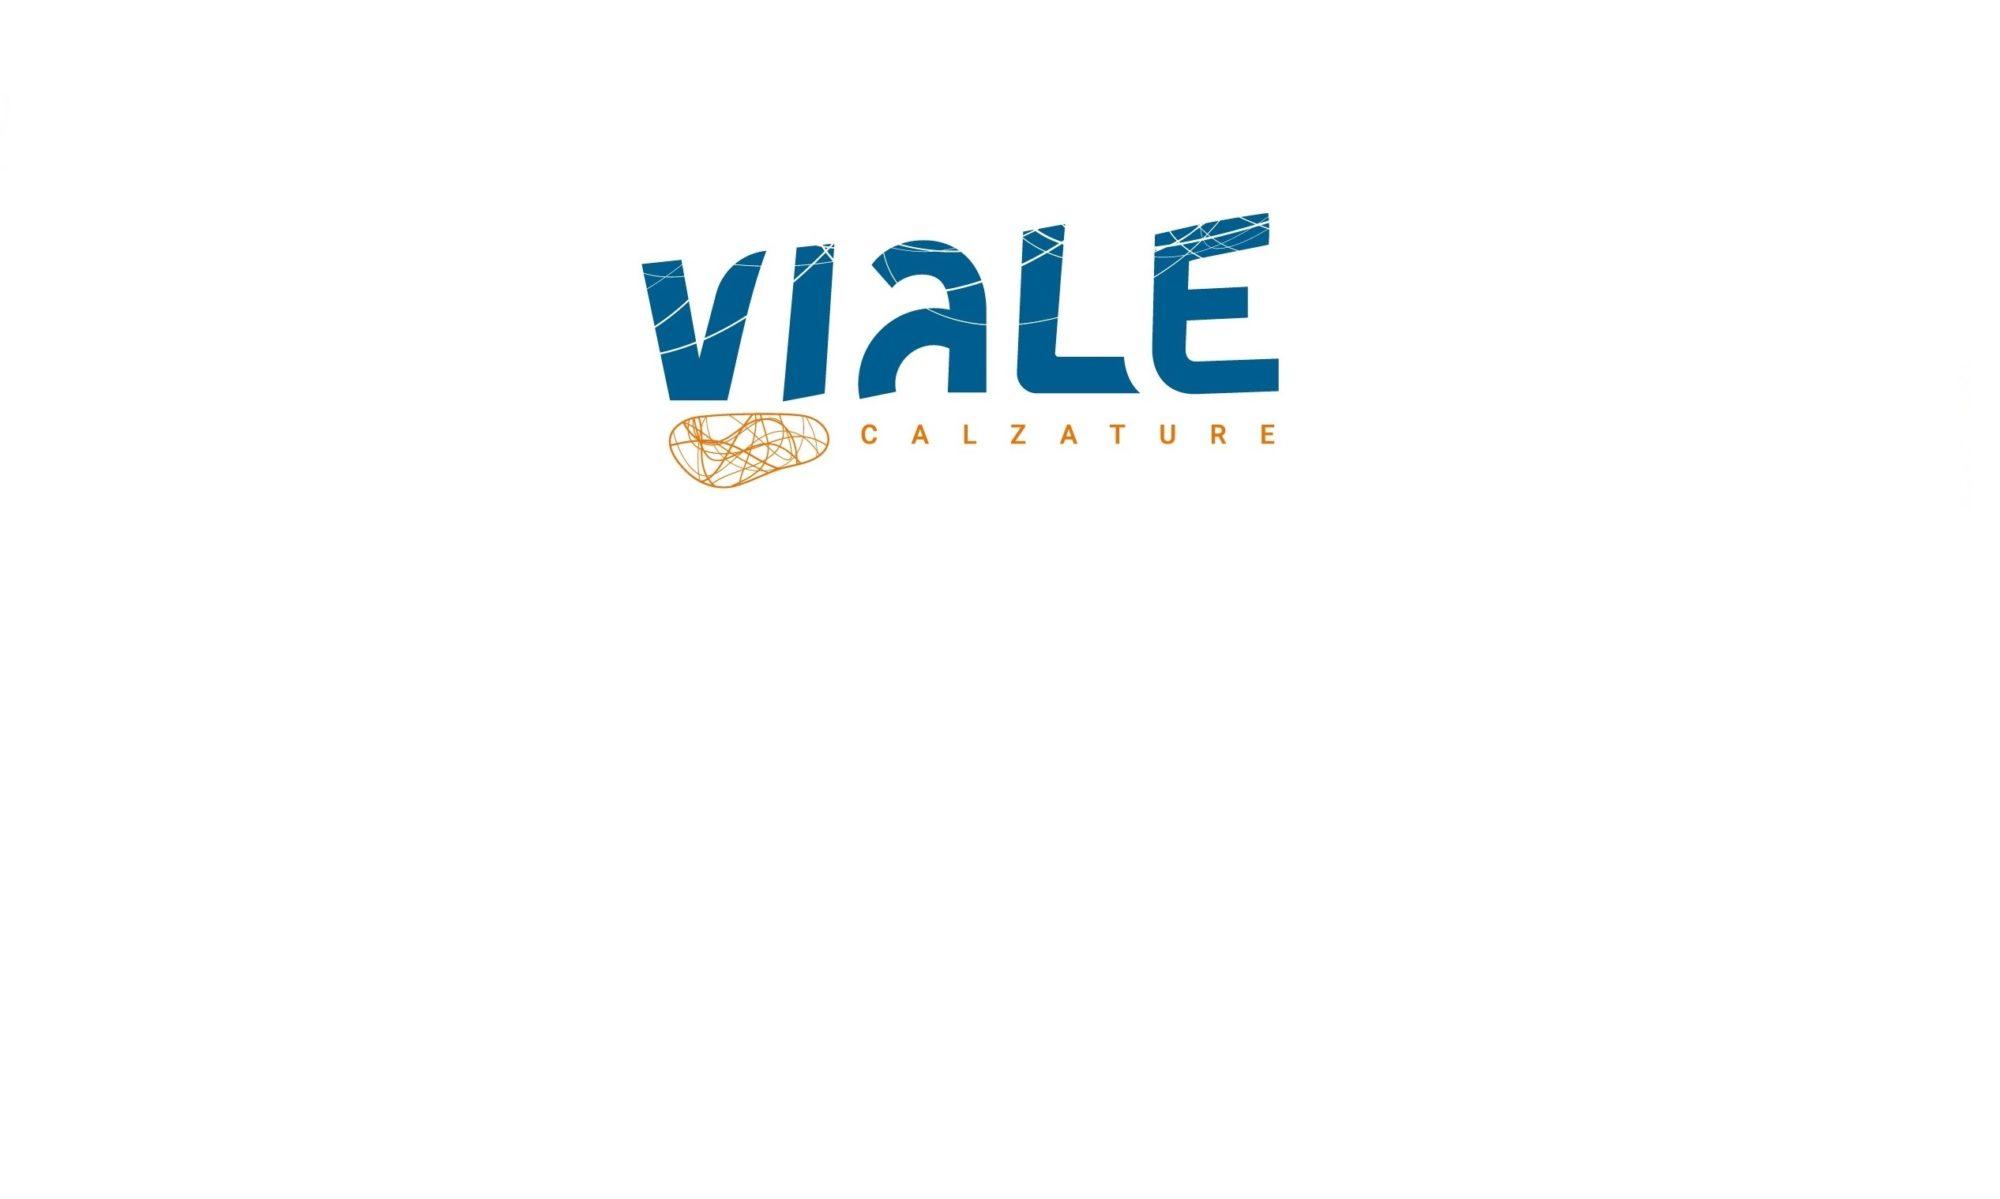 VIALE CALZATURE DI VIALE GIORGIO